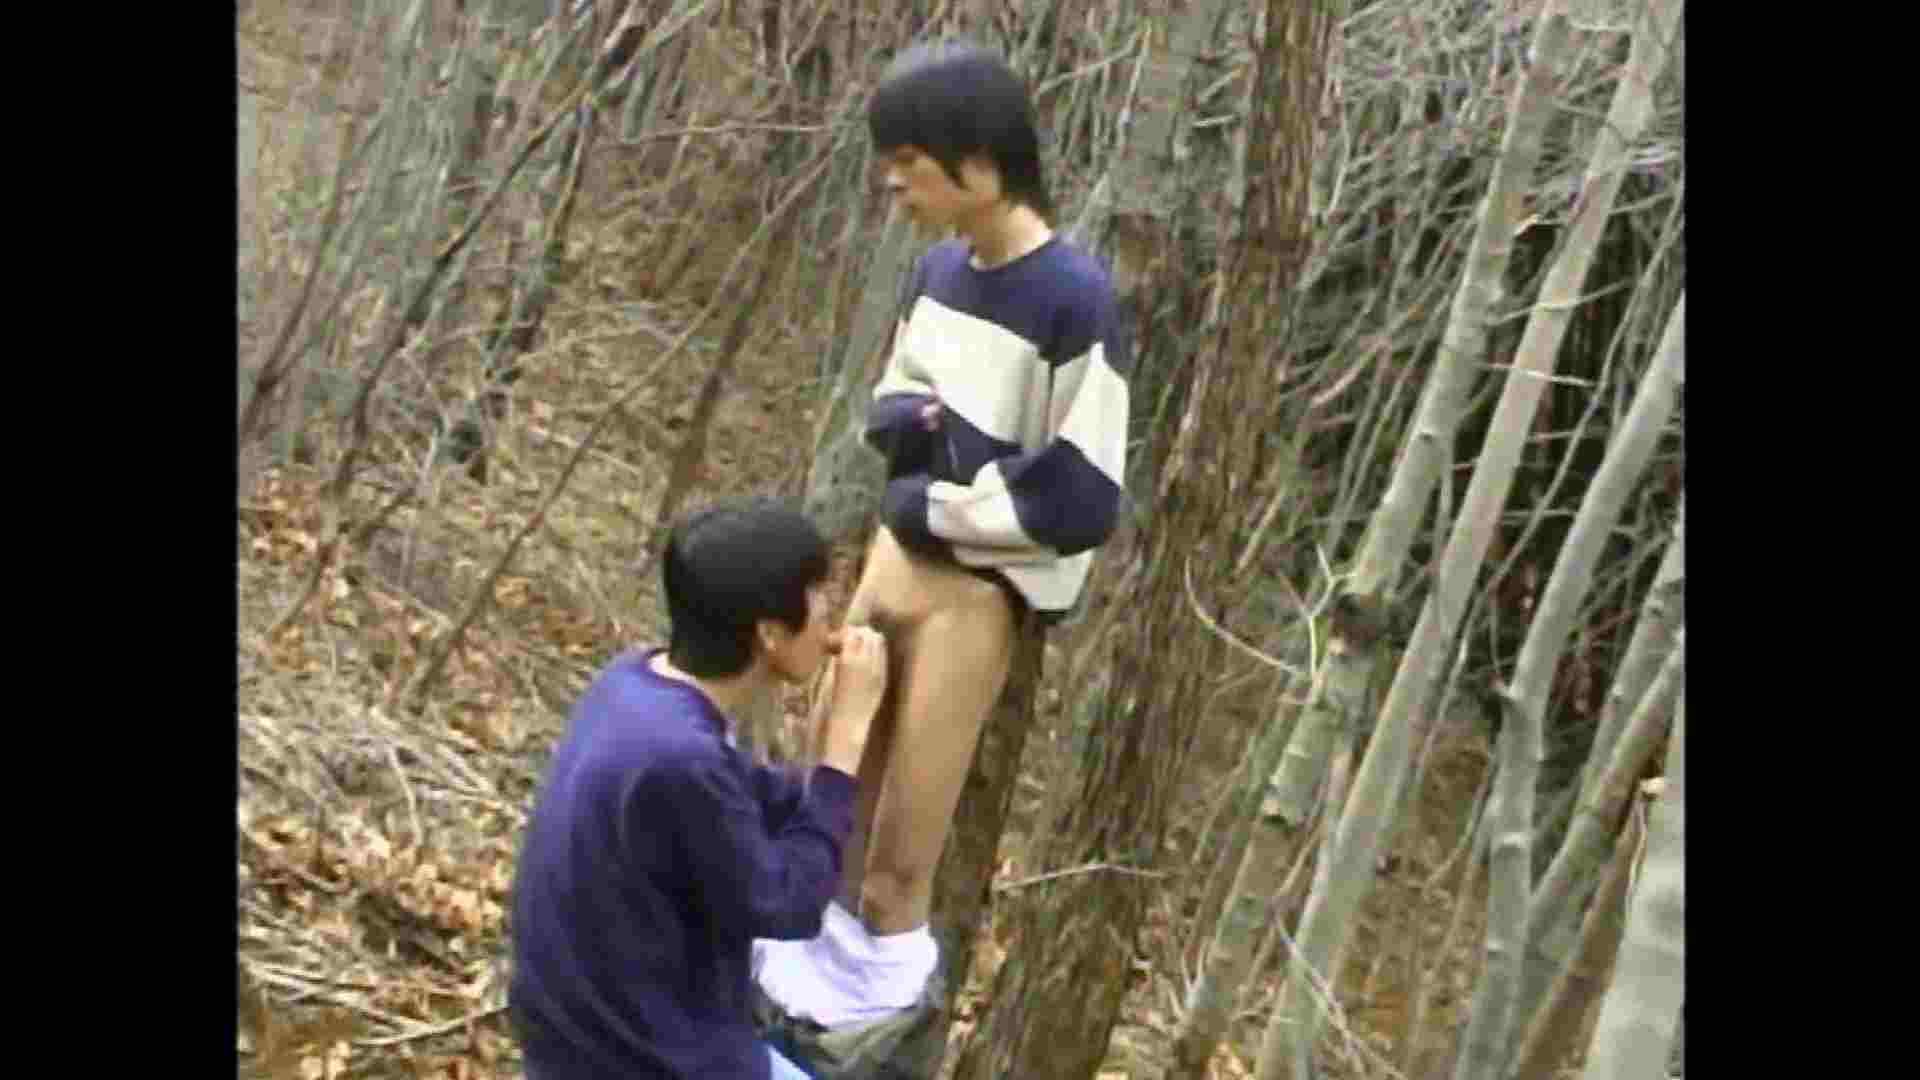 GAYBOY宏のオカズ倉庫Vol.5-4 ノンケ達のセックス ゲイAV紹介 85画像 22